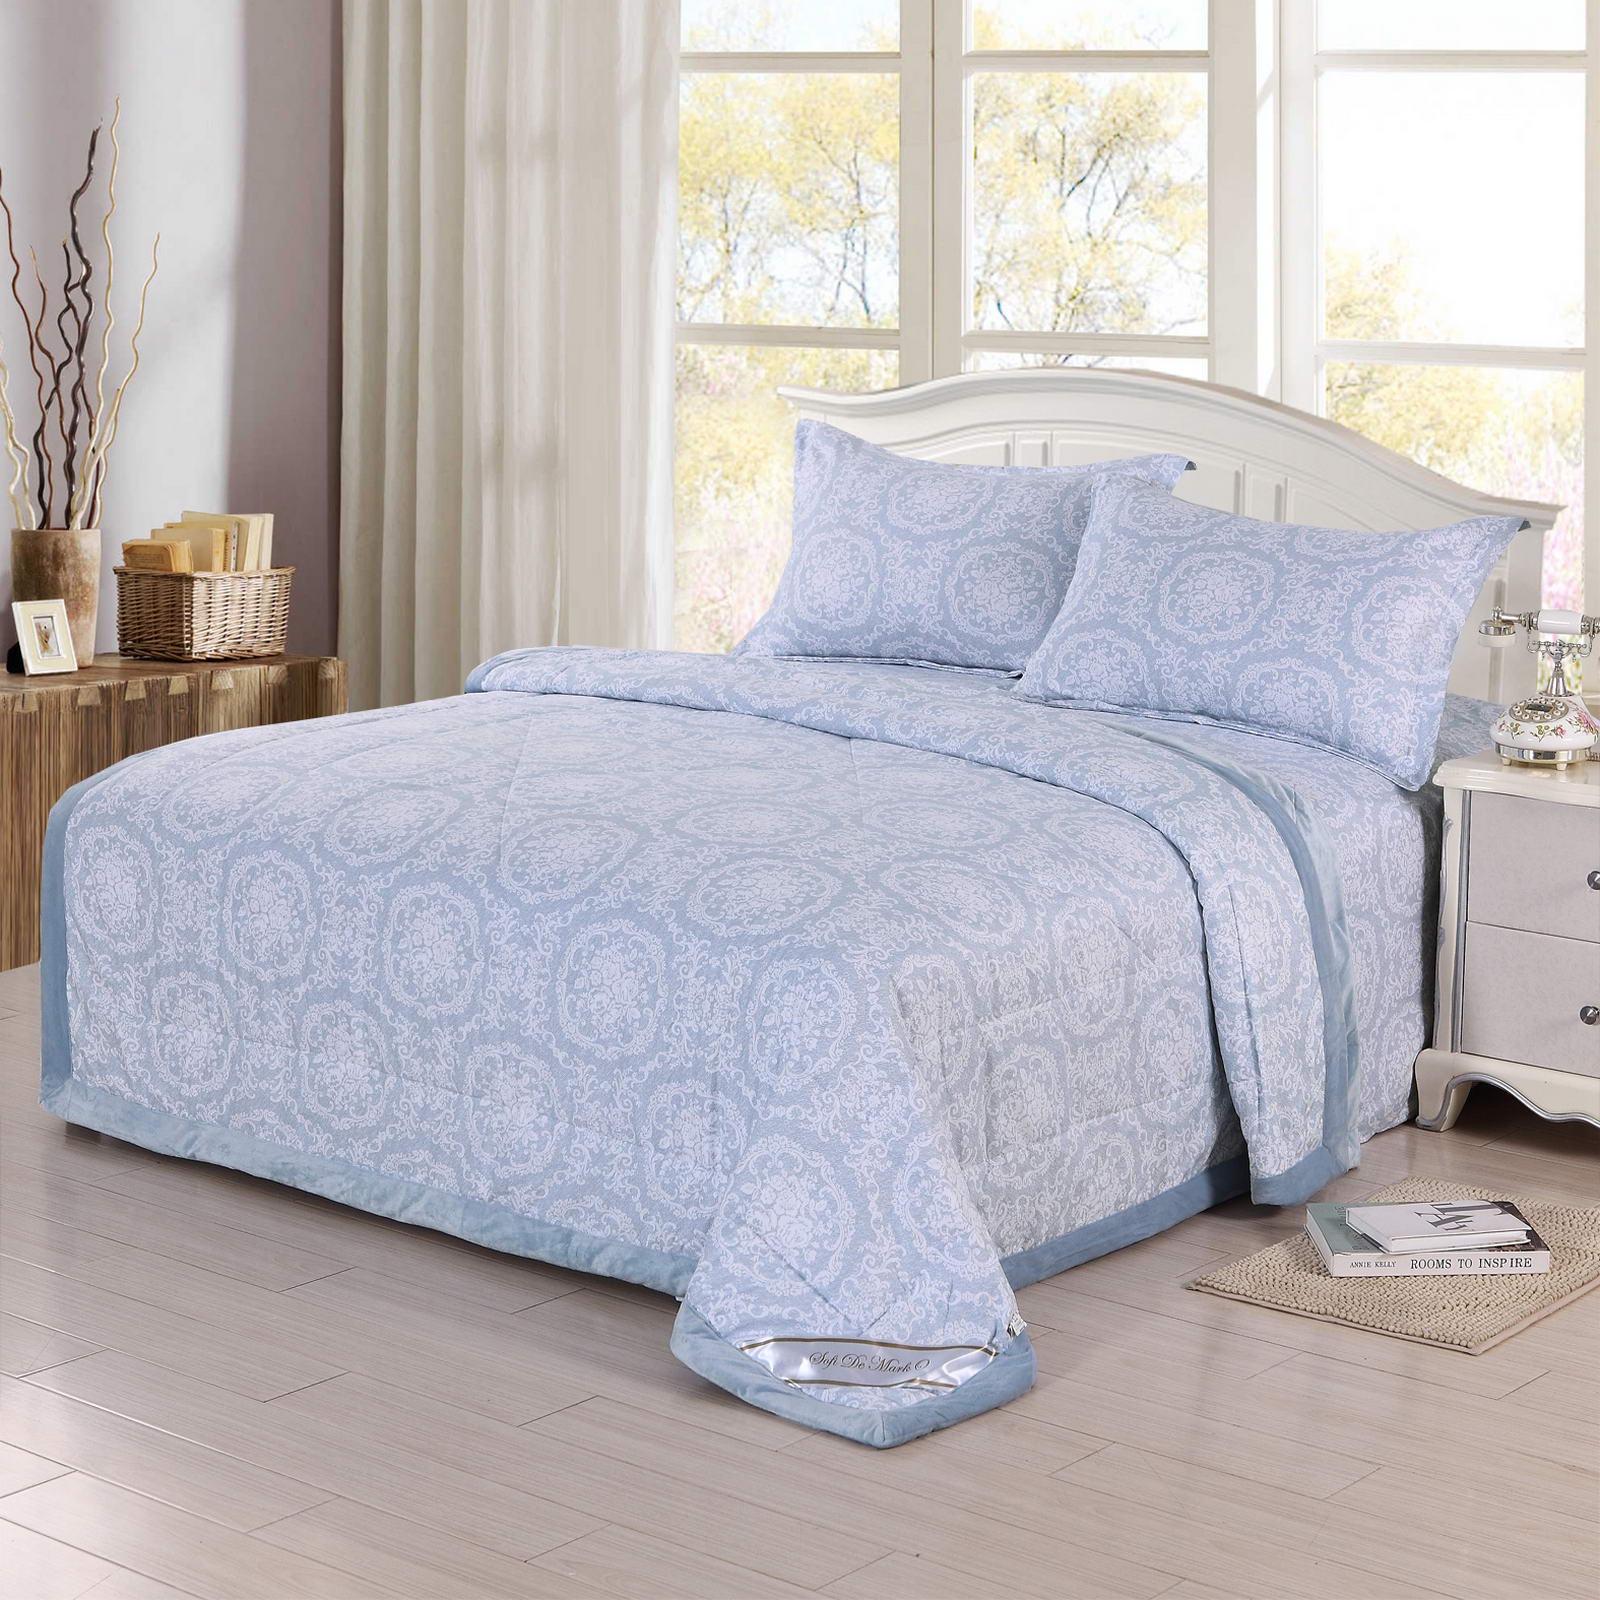 Комплект постельного белья Sofi de Marko Ассоль №9, Евро-Ком-В9, голубой